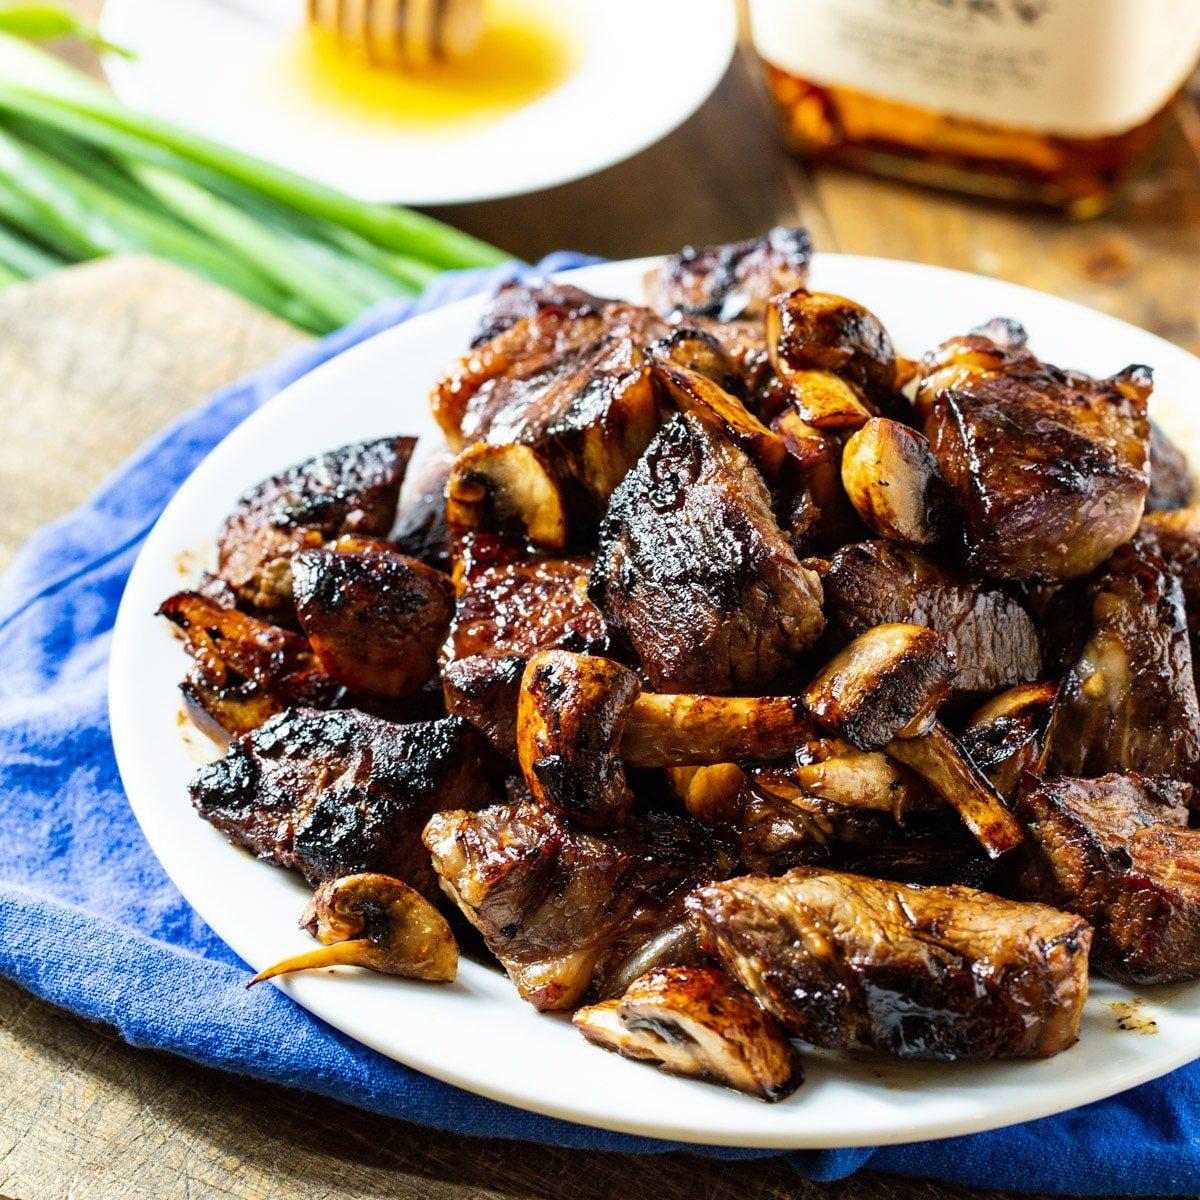 Honey Bourbon Steak Tips on a plate.